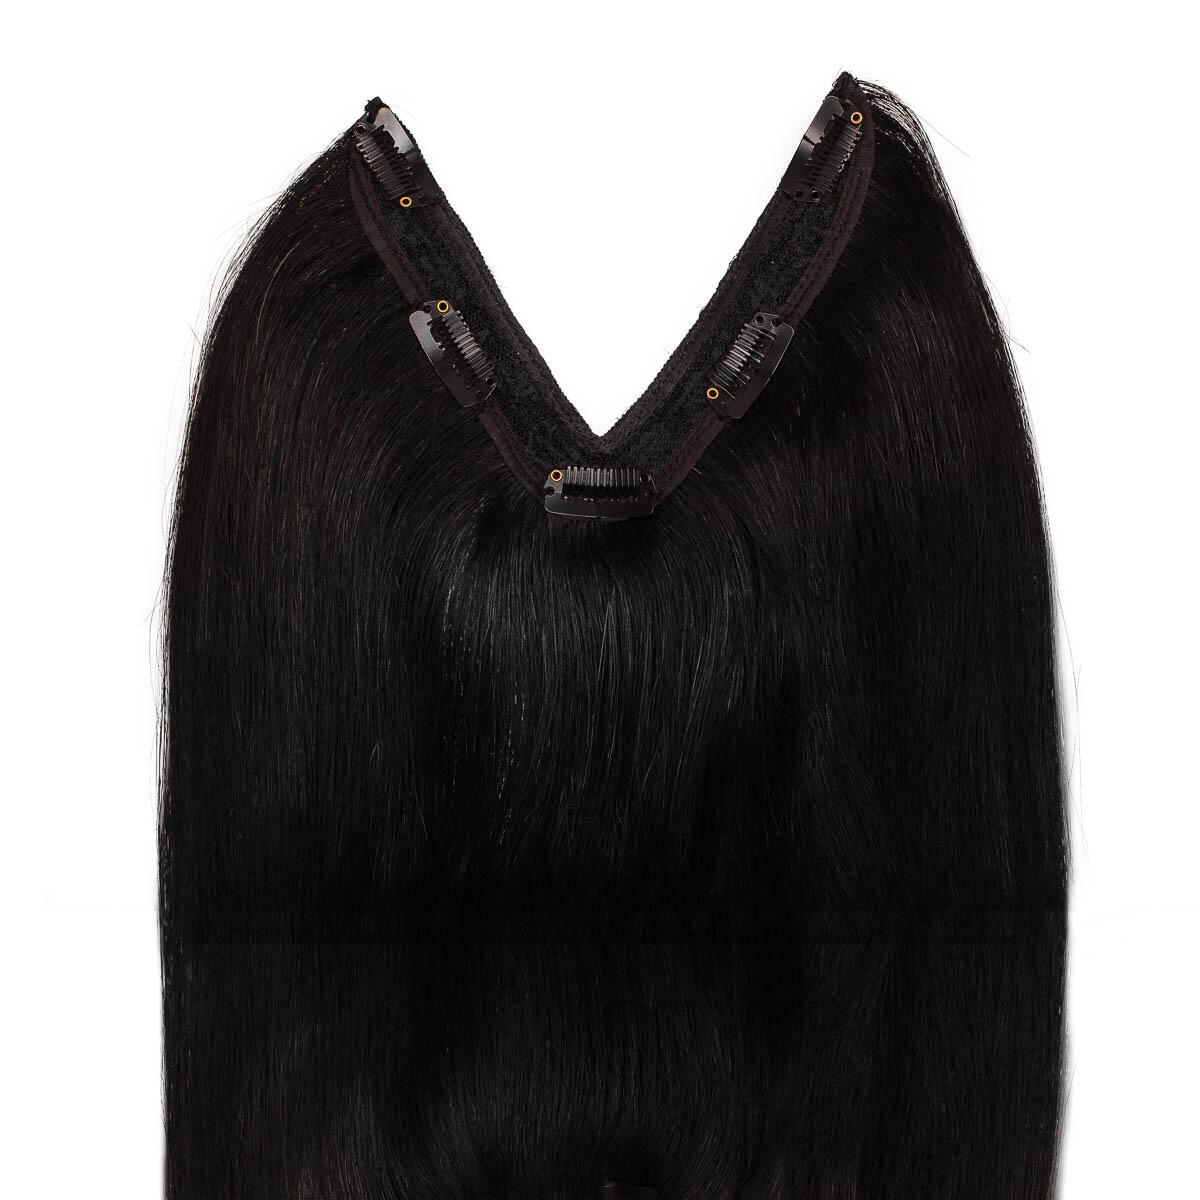 Easy Clip-in 1.0 Black 50 cm